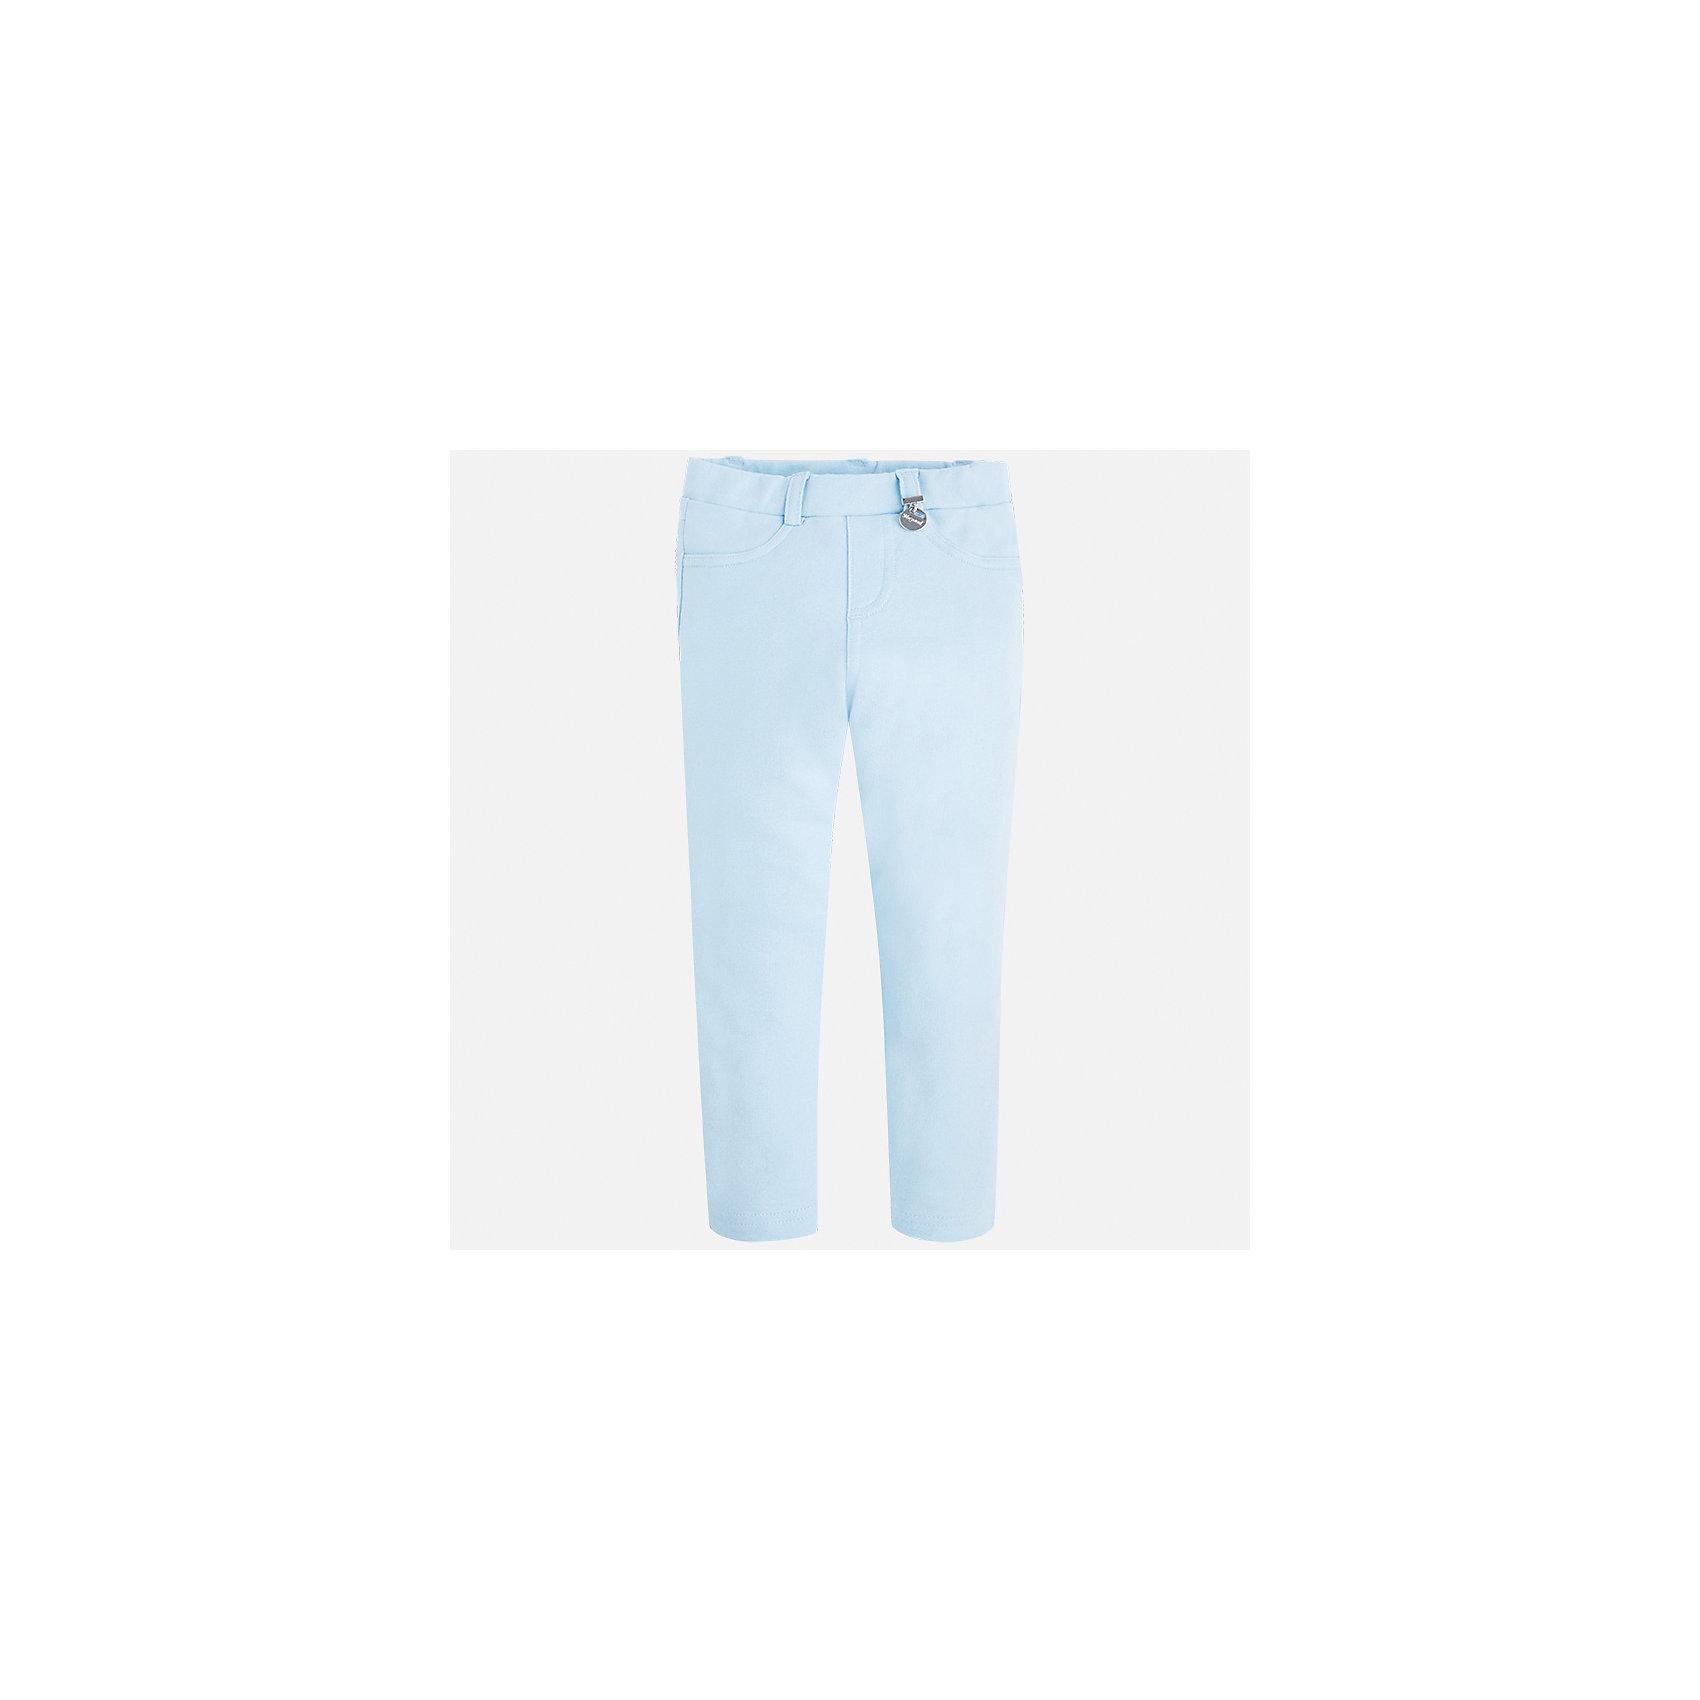 Леггинсы для девочки MayoralЛеггинсы<br>Характеристики товара:<br><br>• цвет: голубой<br>• состав: 95% хлопок, 5% эластан<br>• шлевки<br>• эластичный материал<br>• карманы<br>• пастельный оттенок<br>• страна бренда: Испания<br><br>Модные леггинсы для девочки смогут разнообразить гардероб ребенка и украсить наряд. Они отлично сочетаются с майками, футболками, блузками. Красивый оттенок позволяет подобрать к вещи верх разных расцветок. В составе материала - натуральный хлопок, гипоаллергенный, приятный на ощупь, дышащий. Леггинсы отлично сидят и не стесняют движения.<br><br>Одежда, обувь и аксессуары от испанского бренда Mayoral полюбились детям и взрослым по всему миру. Модели этой марки - стильные и удобные. Для их производства используются только безопасные, качественные материалы и фурнитура. Порадуйте ребенка модными и красивыми вещами от Mayoral! <br><br>Леггинсы для девочки от испанского бренда Mayoral (Майорал) можно купить в нашем интернет-магазине.<br><br>Ширина мм: 123<br>Глубина мм: 10<br>Высота мм: 149<br>Вес г: 209<br>Цвет: зеленый<br>Возраст от месяцев: 96<br>Возраст до месяцев: 108<br>Пол: Женский<br>Возраст: Детский<br>Размер: 134,116,92,98,104,110,122,128<br>SKU: 5290460